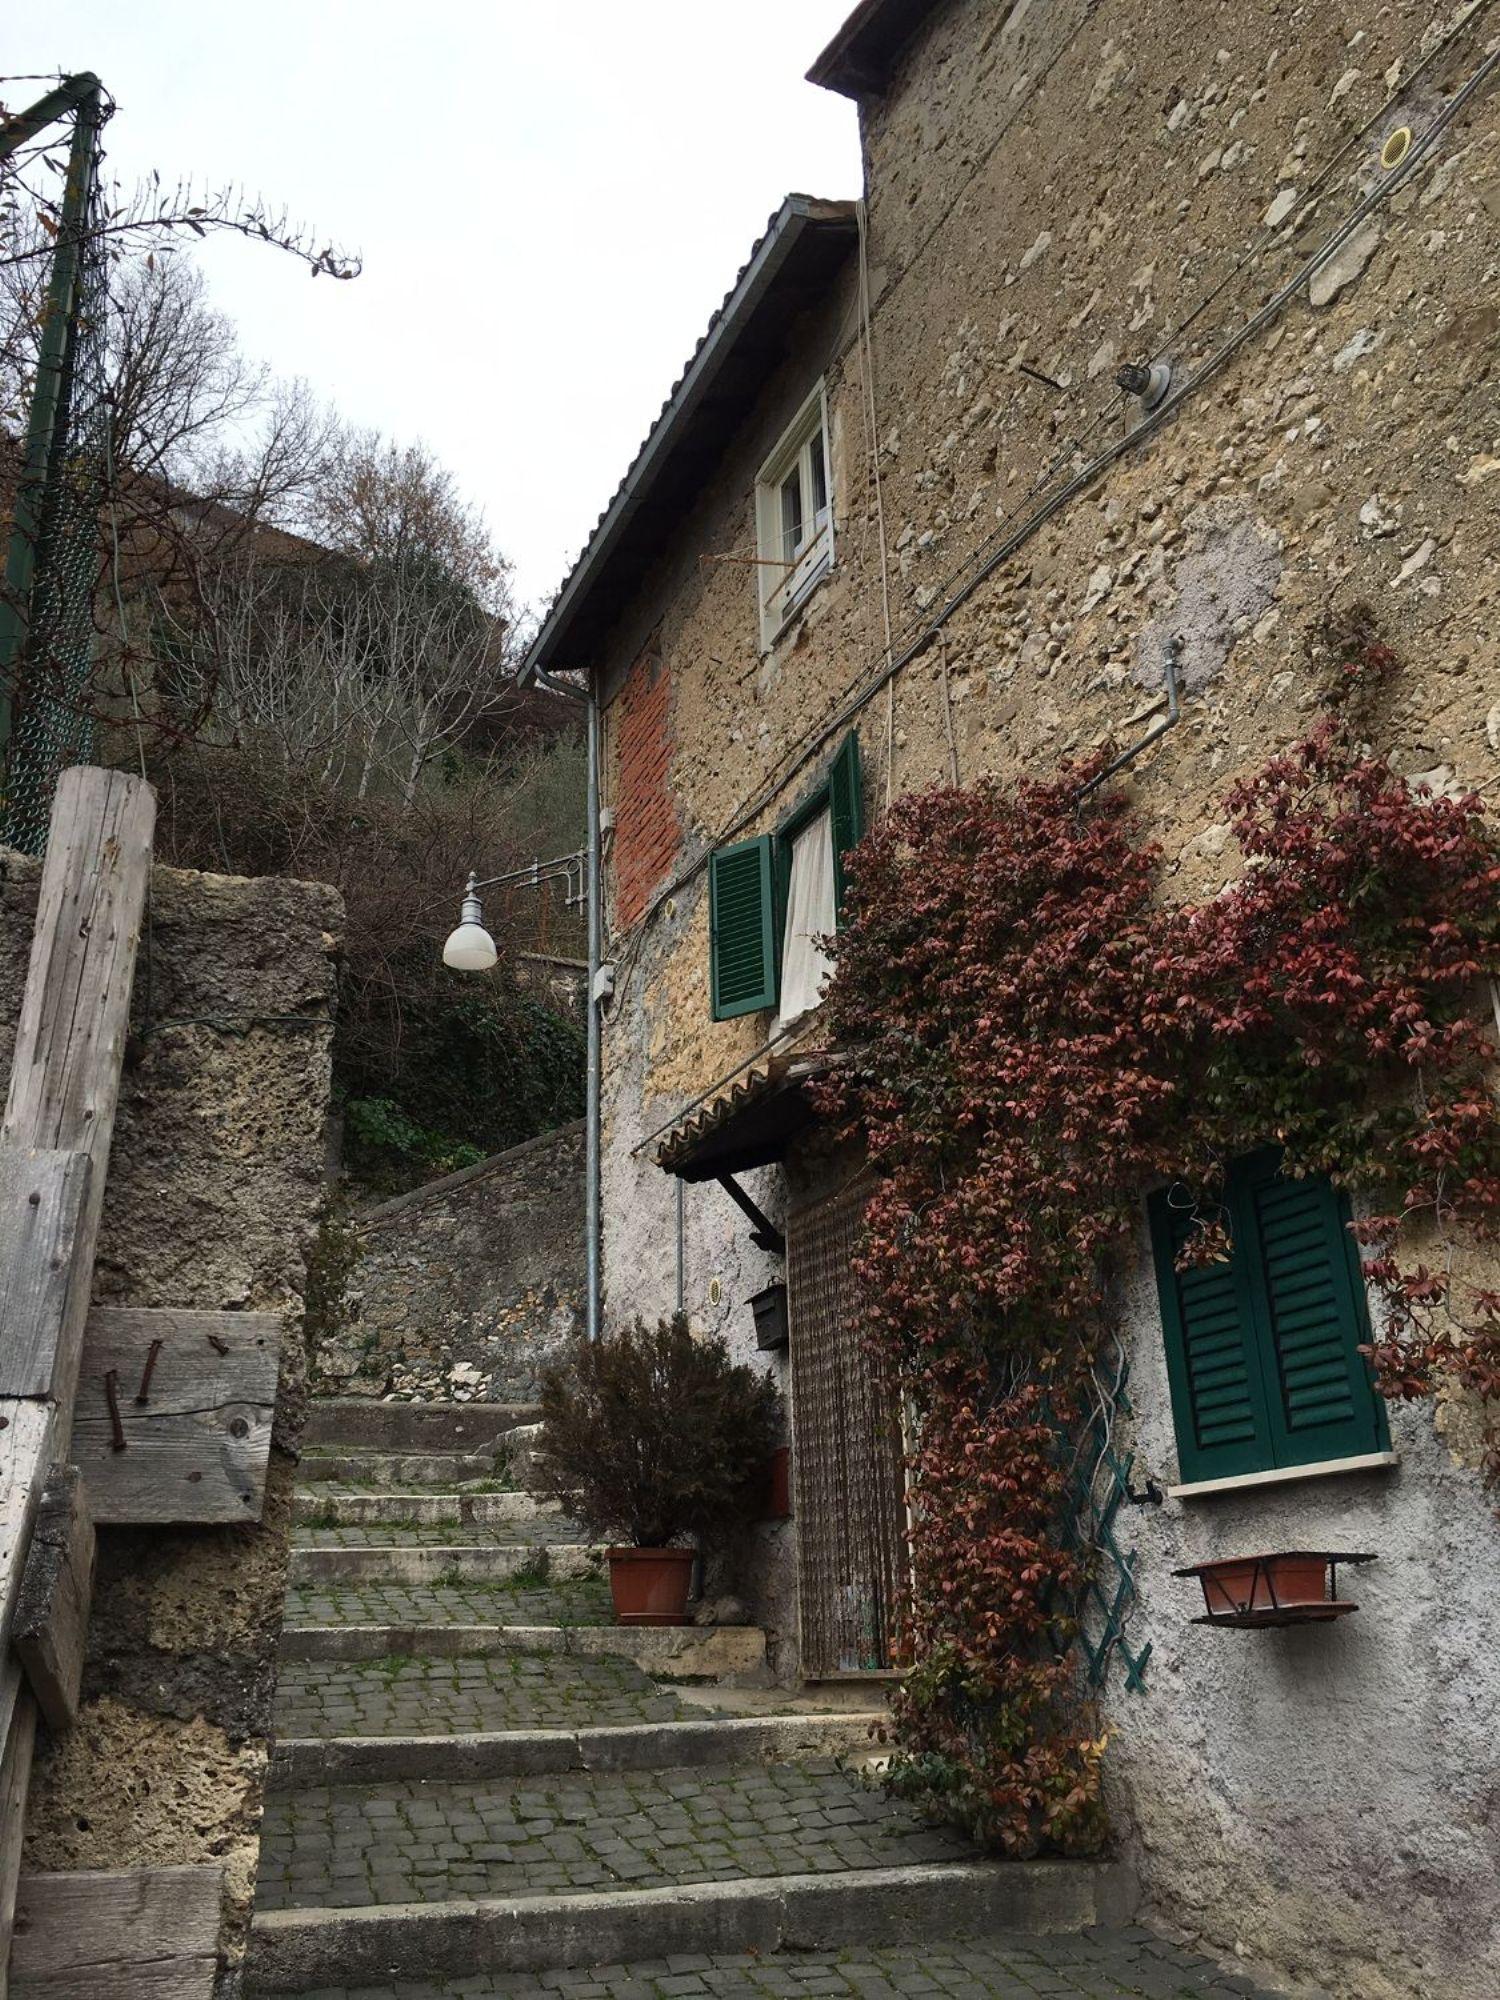 Appartamento in vendita a Subiaco, 3 locali, prezzo € 55.000 | Cambio Casa.it